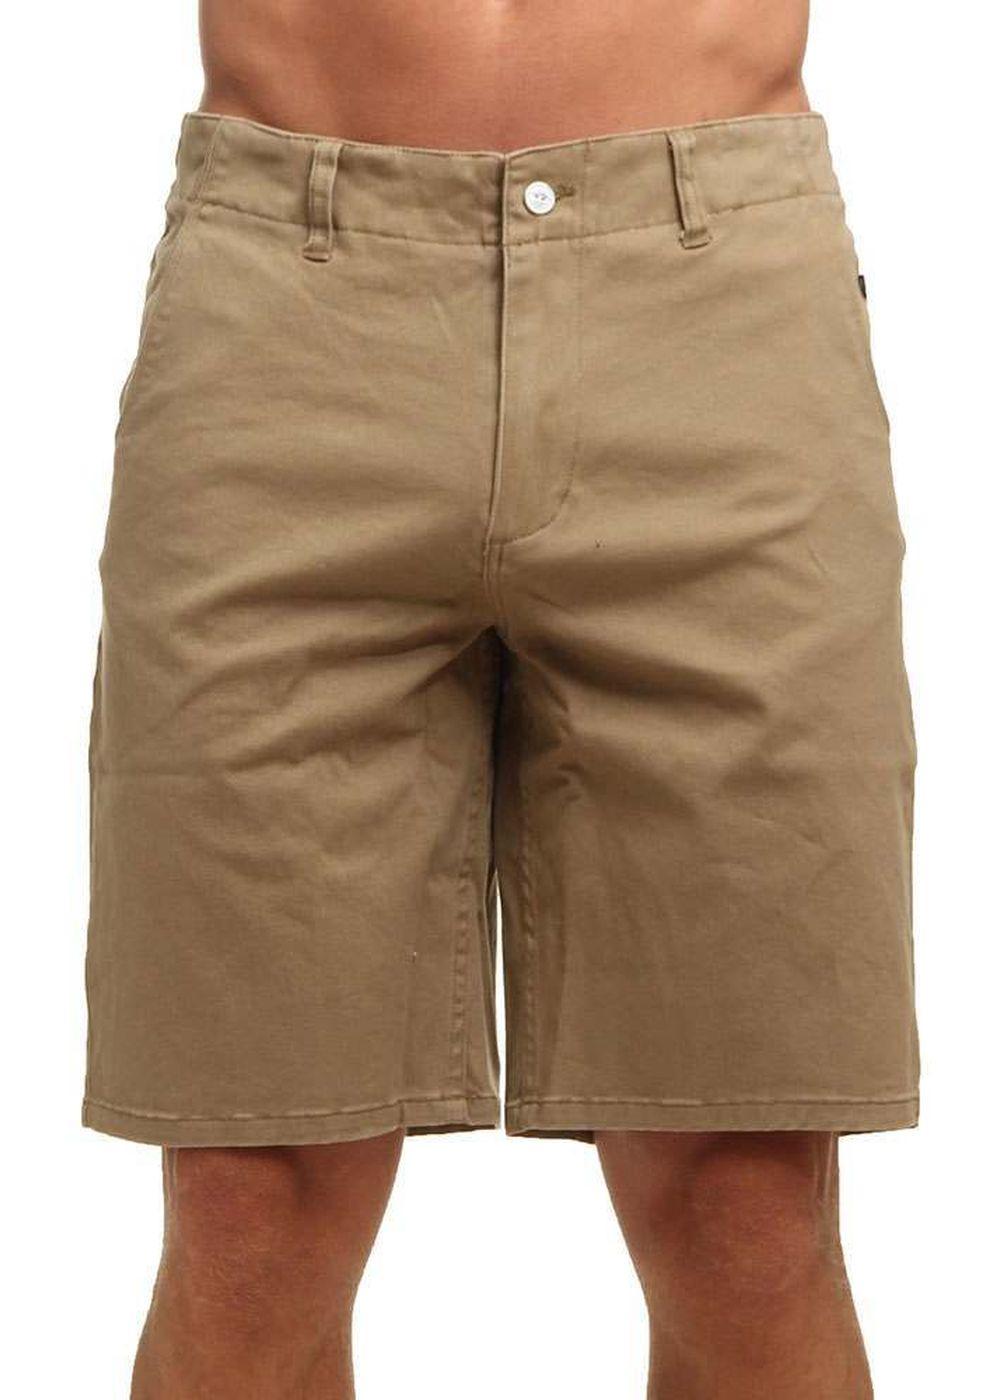 rusty-malibu-shorts-khaki